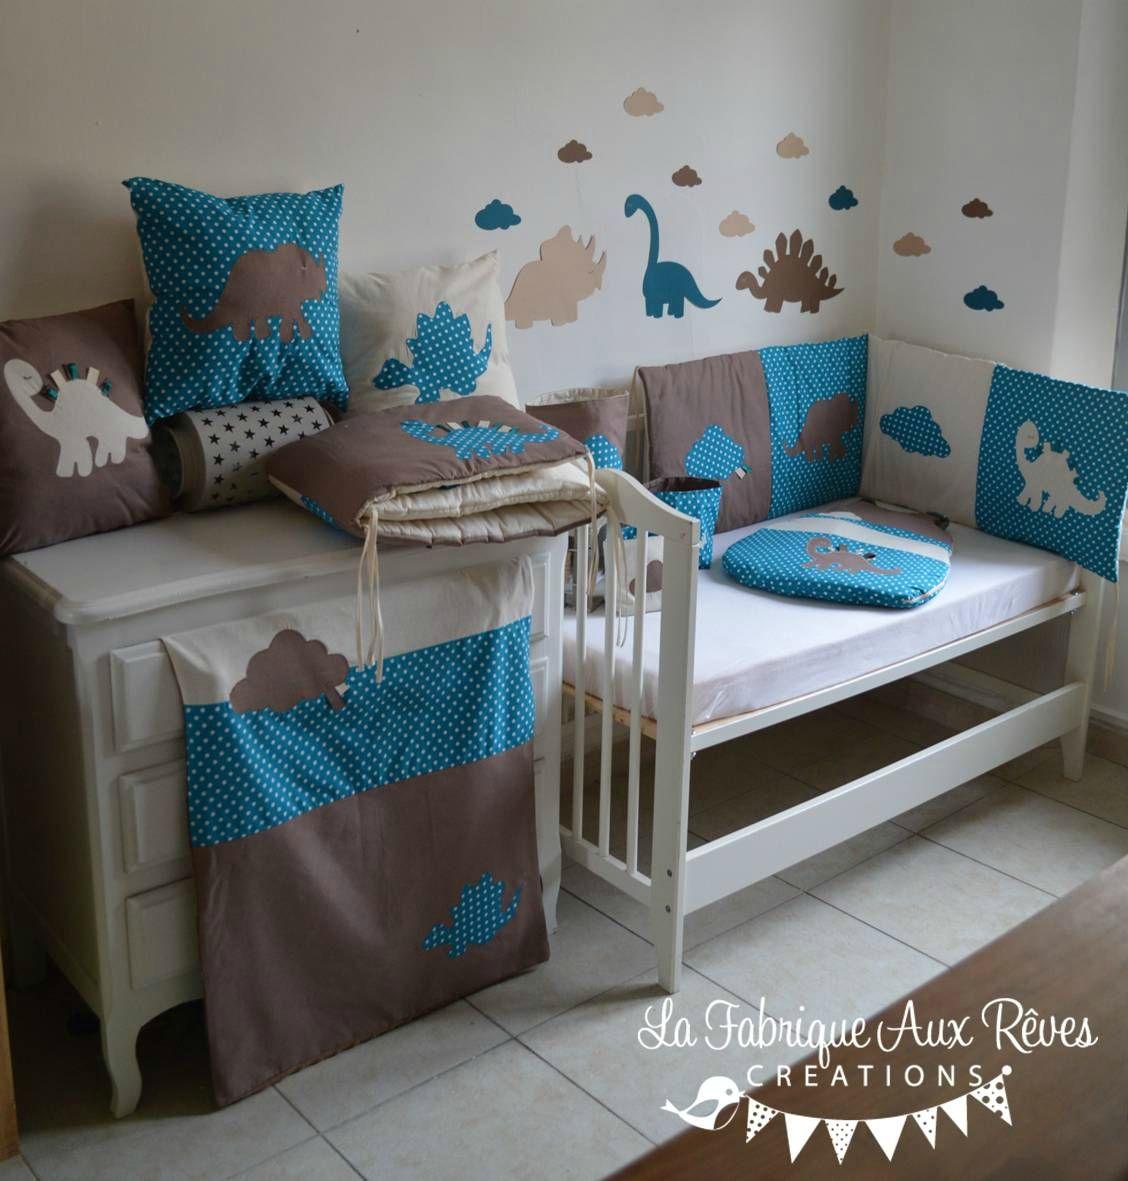 Chambre Bébé Moderne Élégant Deco Chambre Bleu Et Marron - concept ...